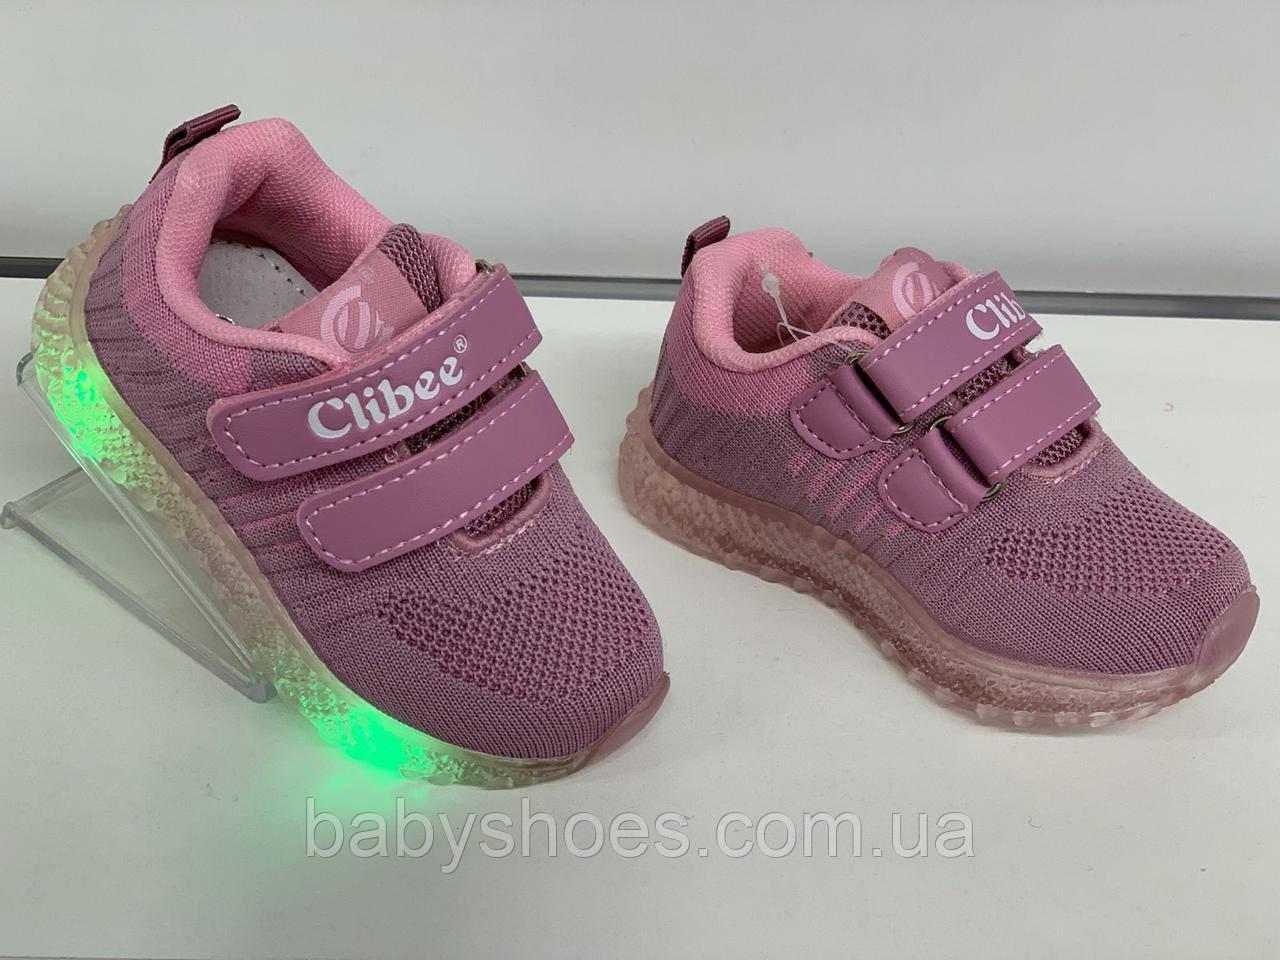 Кроссовки для девочки Clibee Польша р. 21-26 КД-518